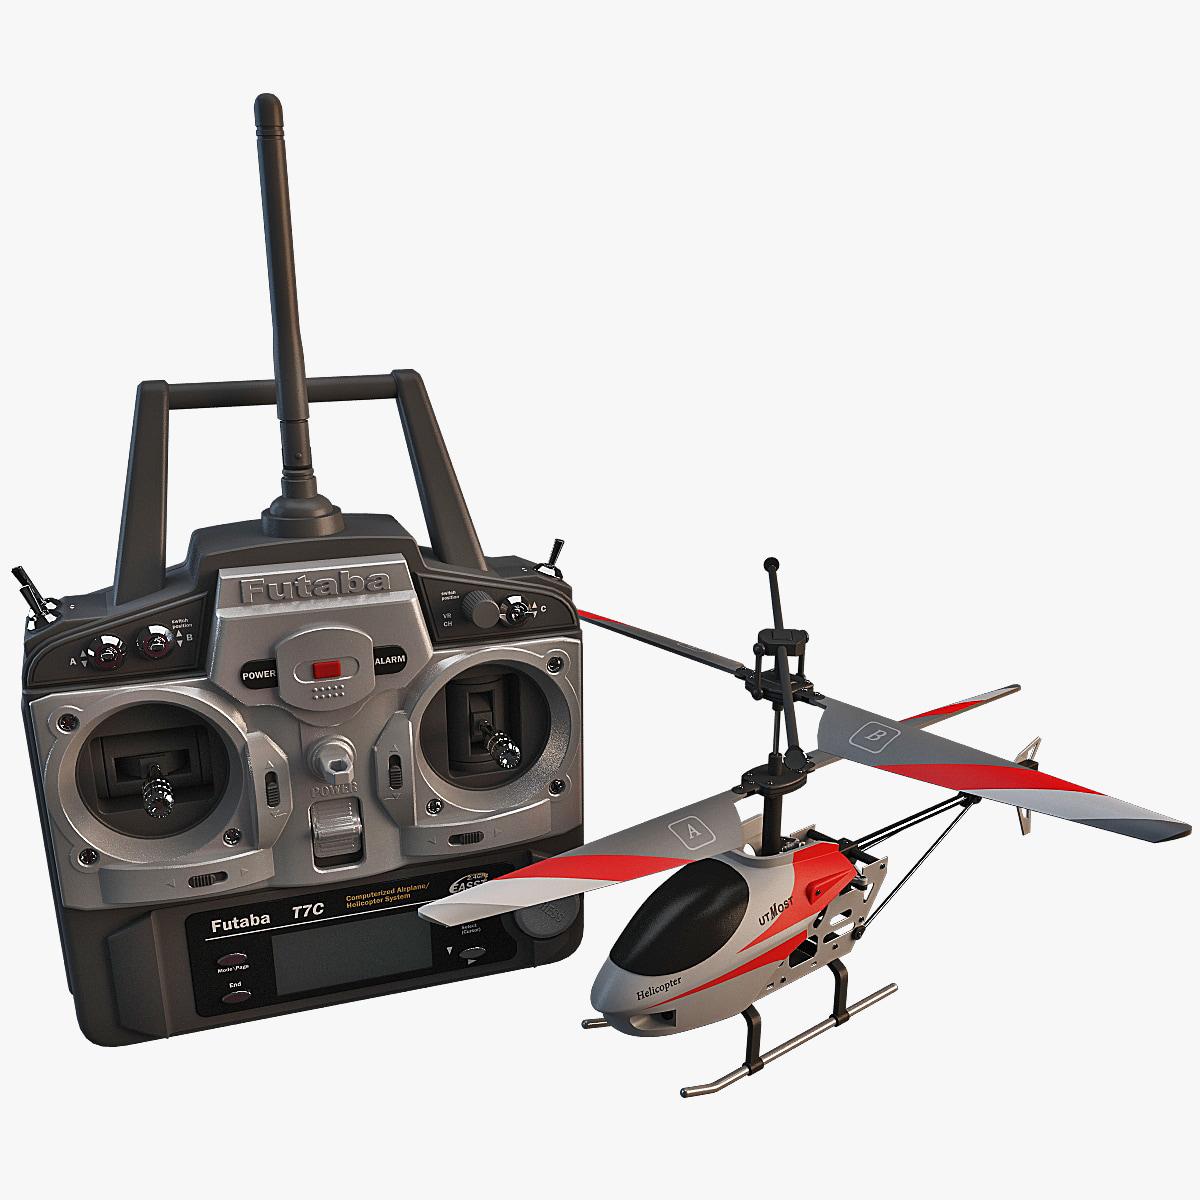 Mini_helicopter_Utmost_Set_000.jpg